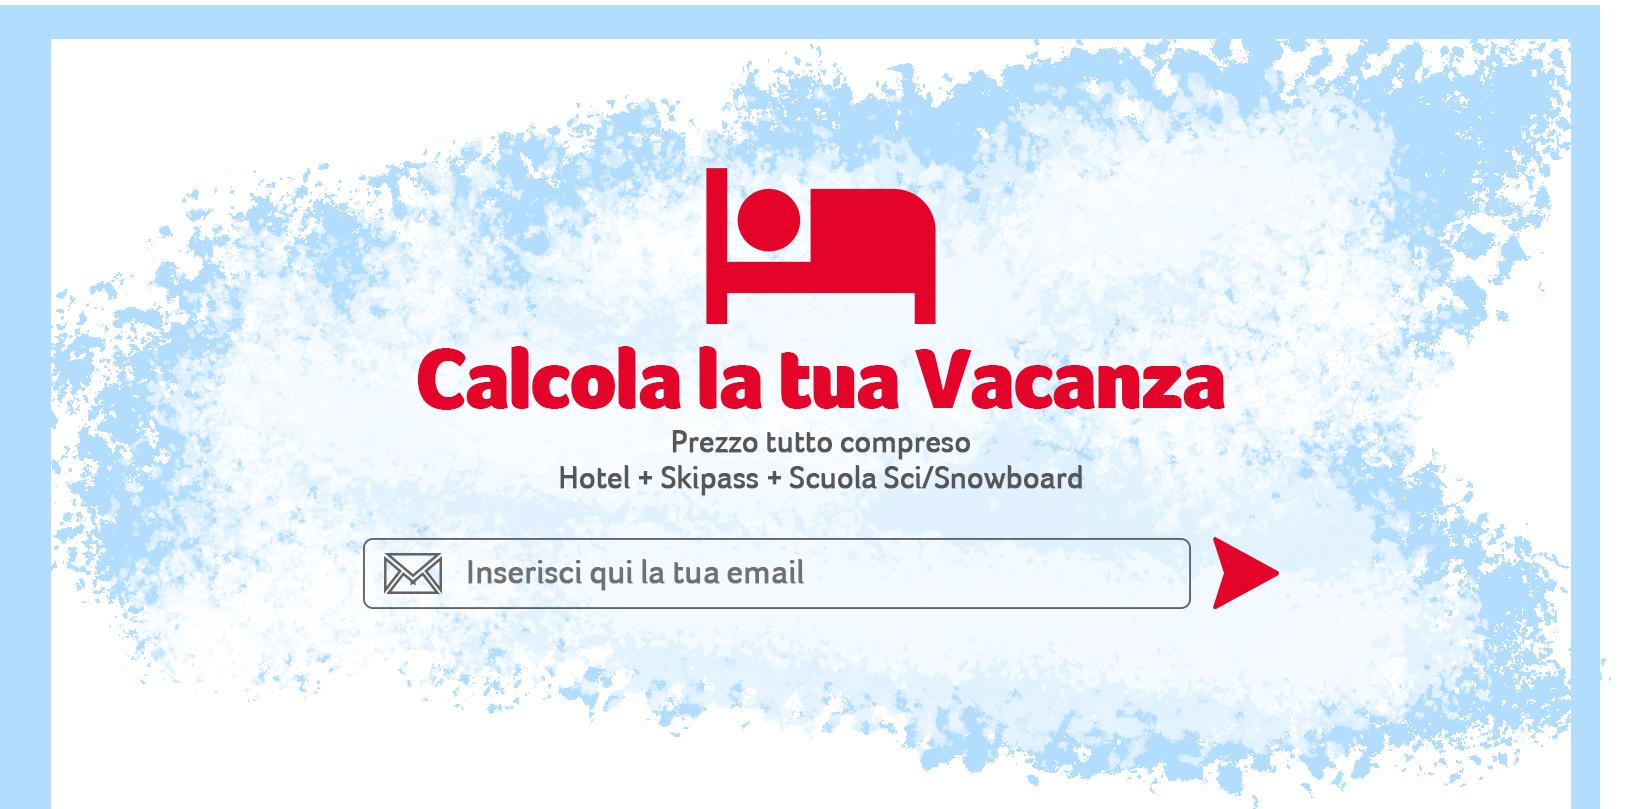 vacanza tutto compreso hotel + skipass + scuola sci